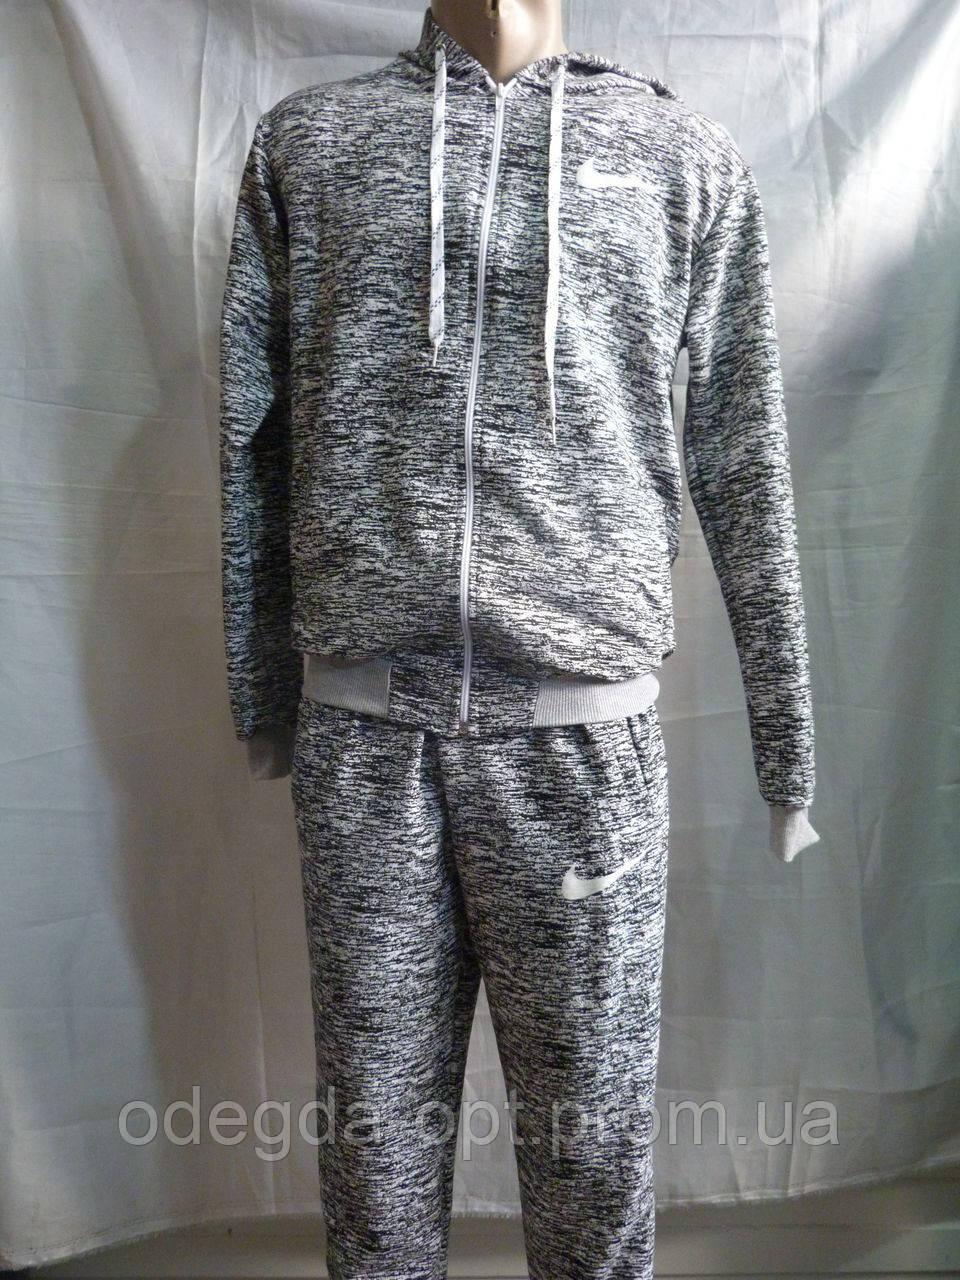 Мужской спортивный костюм NIKE 48-54 купить оптом в Украине модные модели  7км - Интернет a0bd1f4f073d4